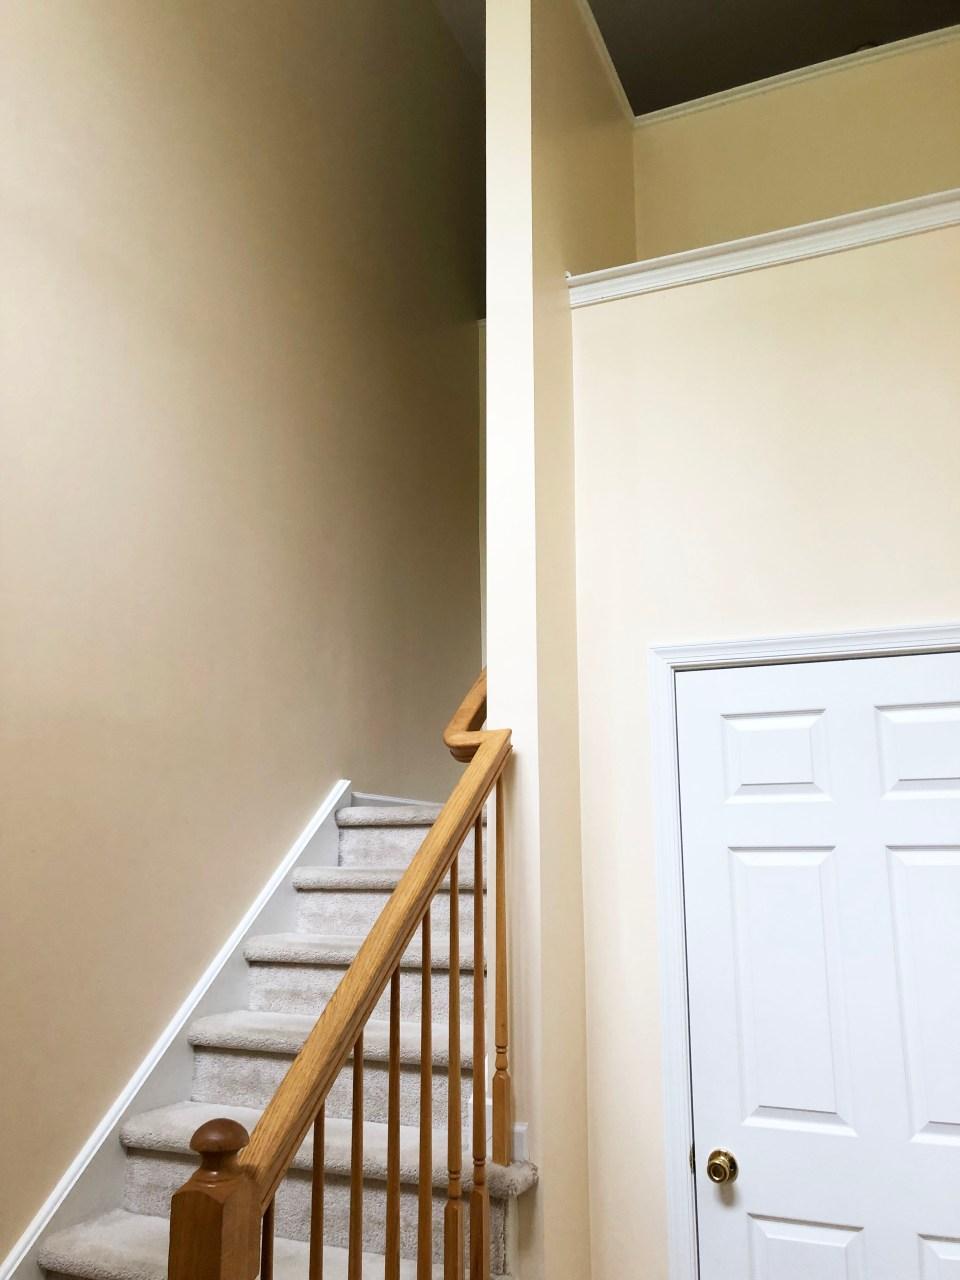 Foyer - Stairs Update